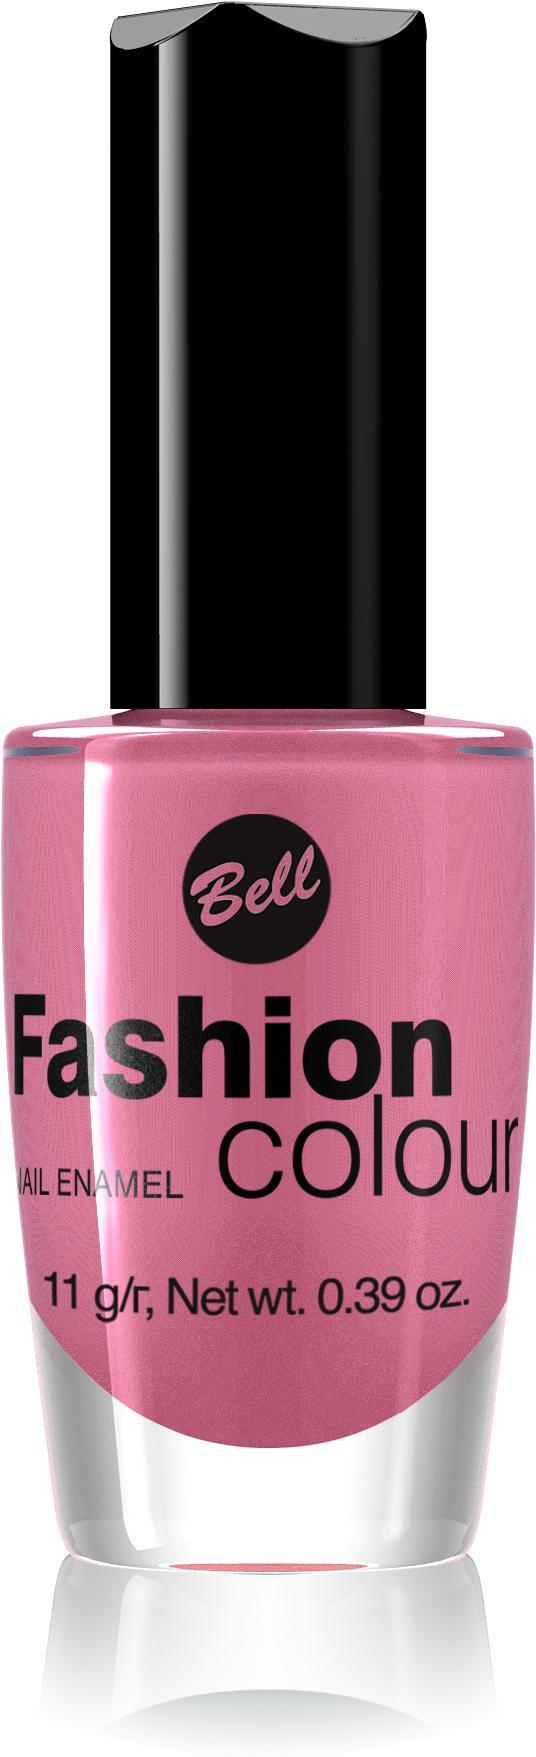 Bell fashion colour